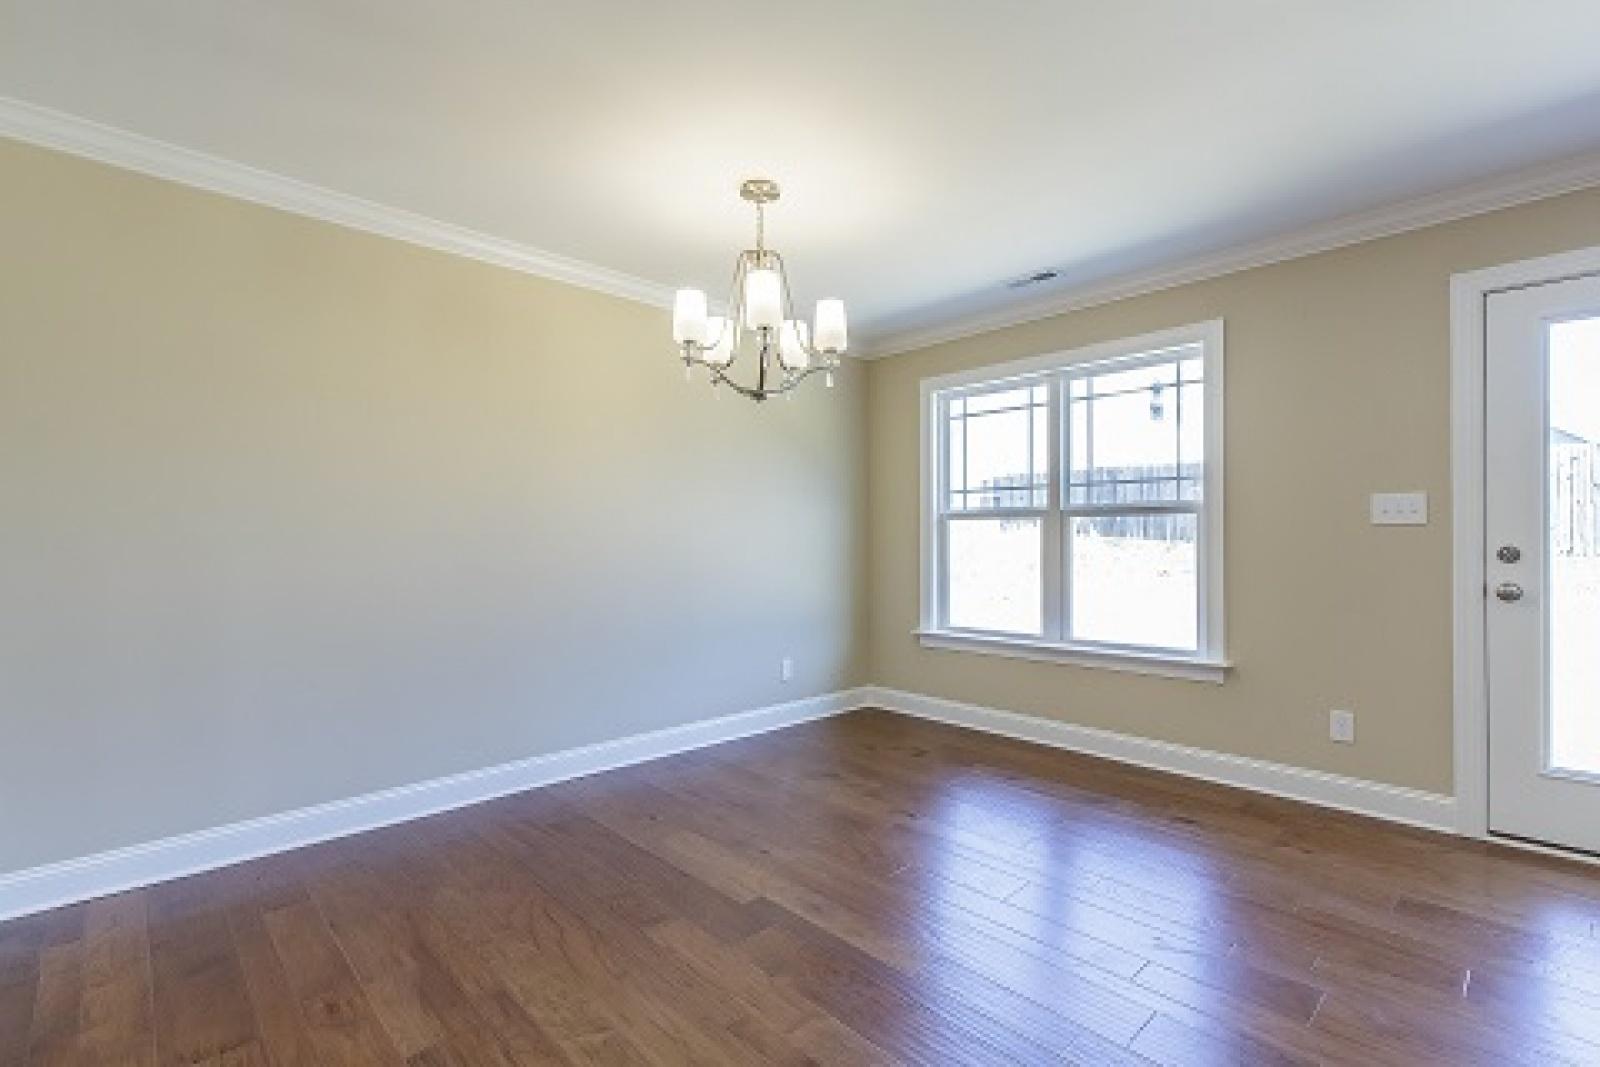 2069 Dresden Drive, Burlington, North Carolina 27217, 3 Bedrooms Bedrooms, 5 Rooms Rooms,2 BathroomsBathrooms,Burchwood Commons,For Sale,Berringer,Dresden,1,1031